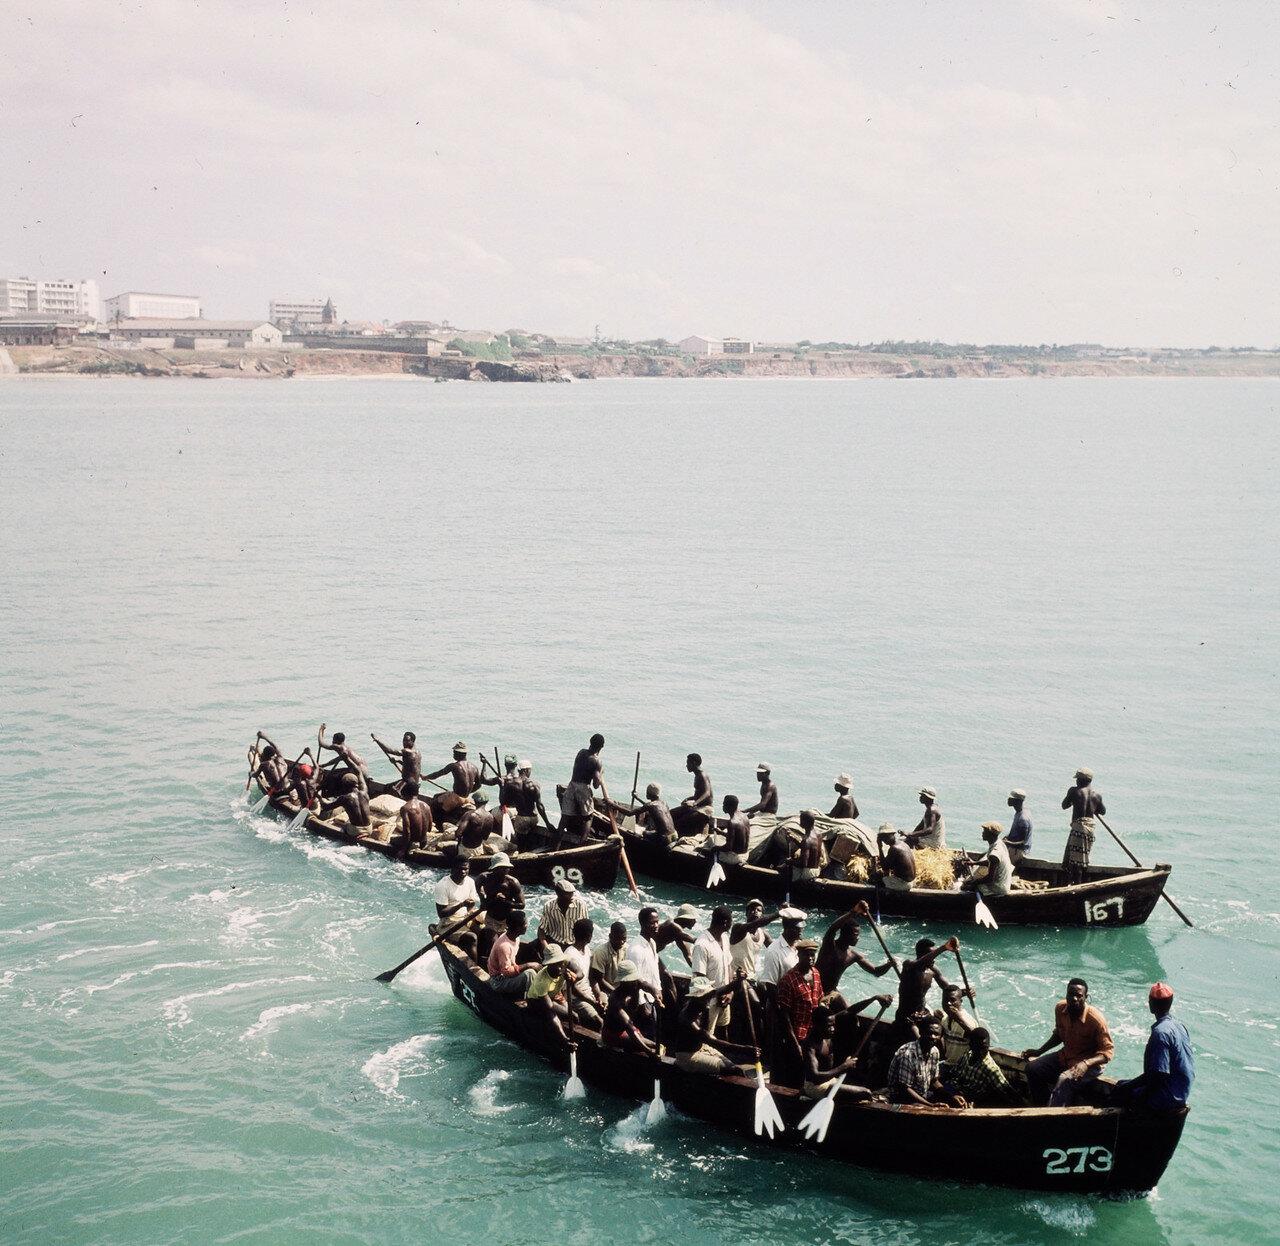 Прибойные шлюпки направляются к грузовым суднам для перевозки грузов на берег, 29 марта